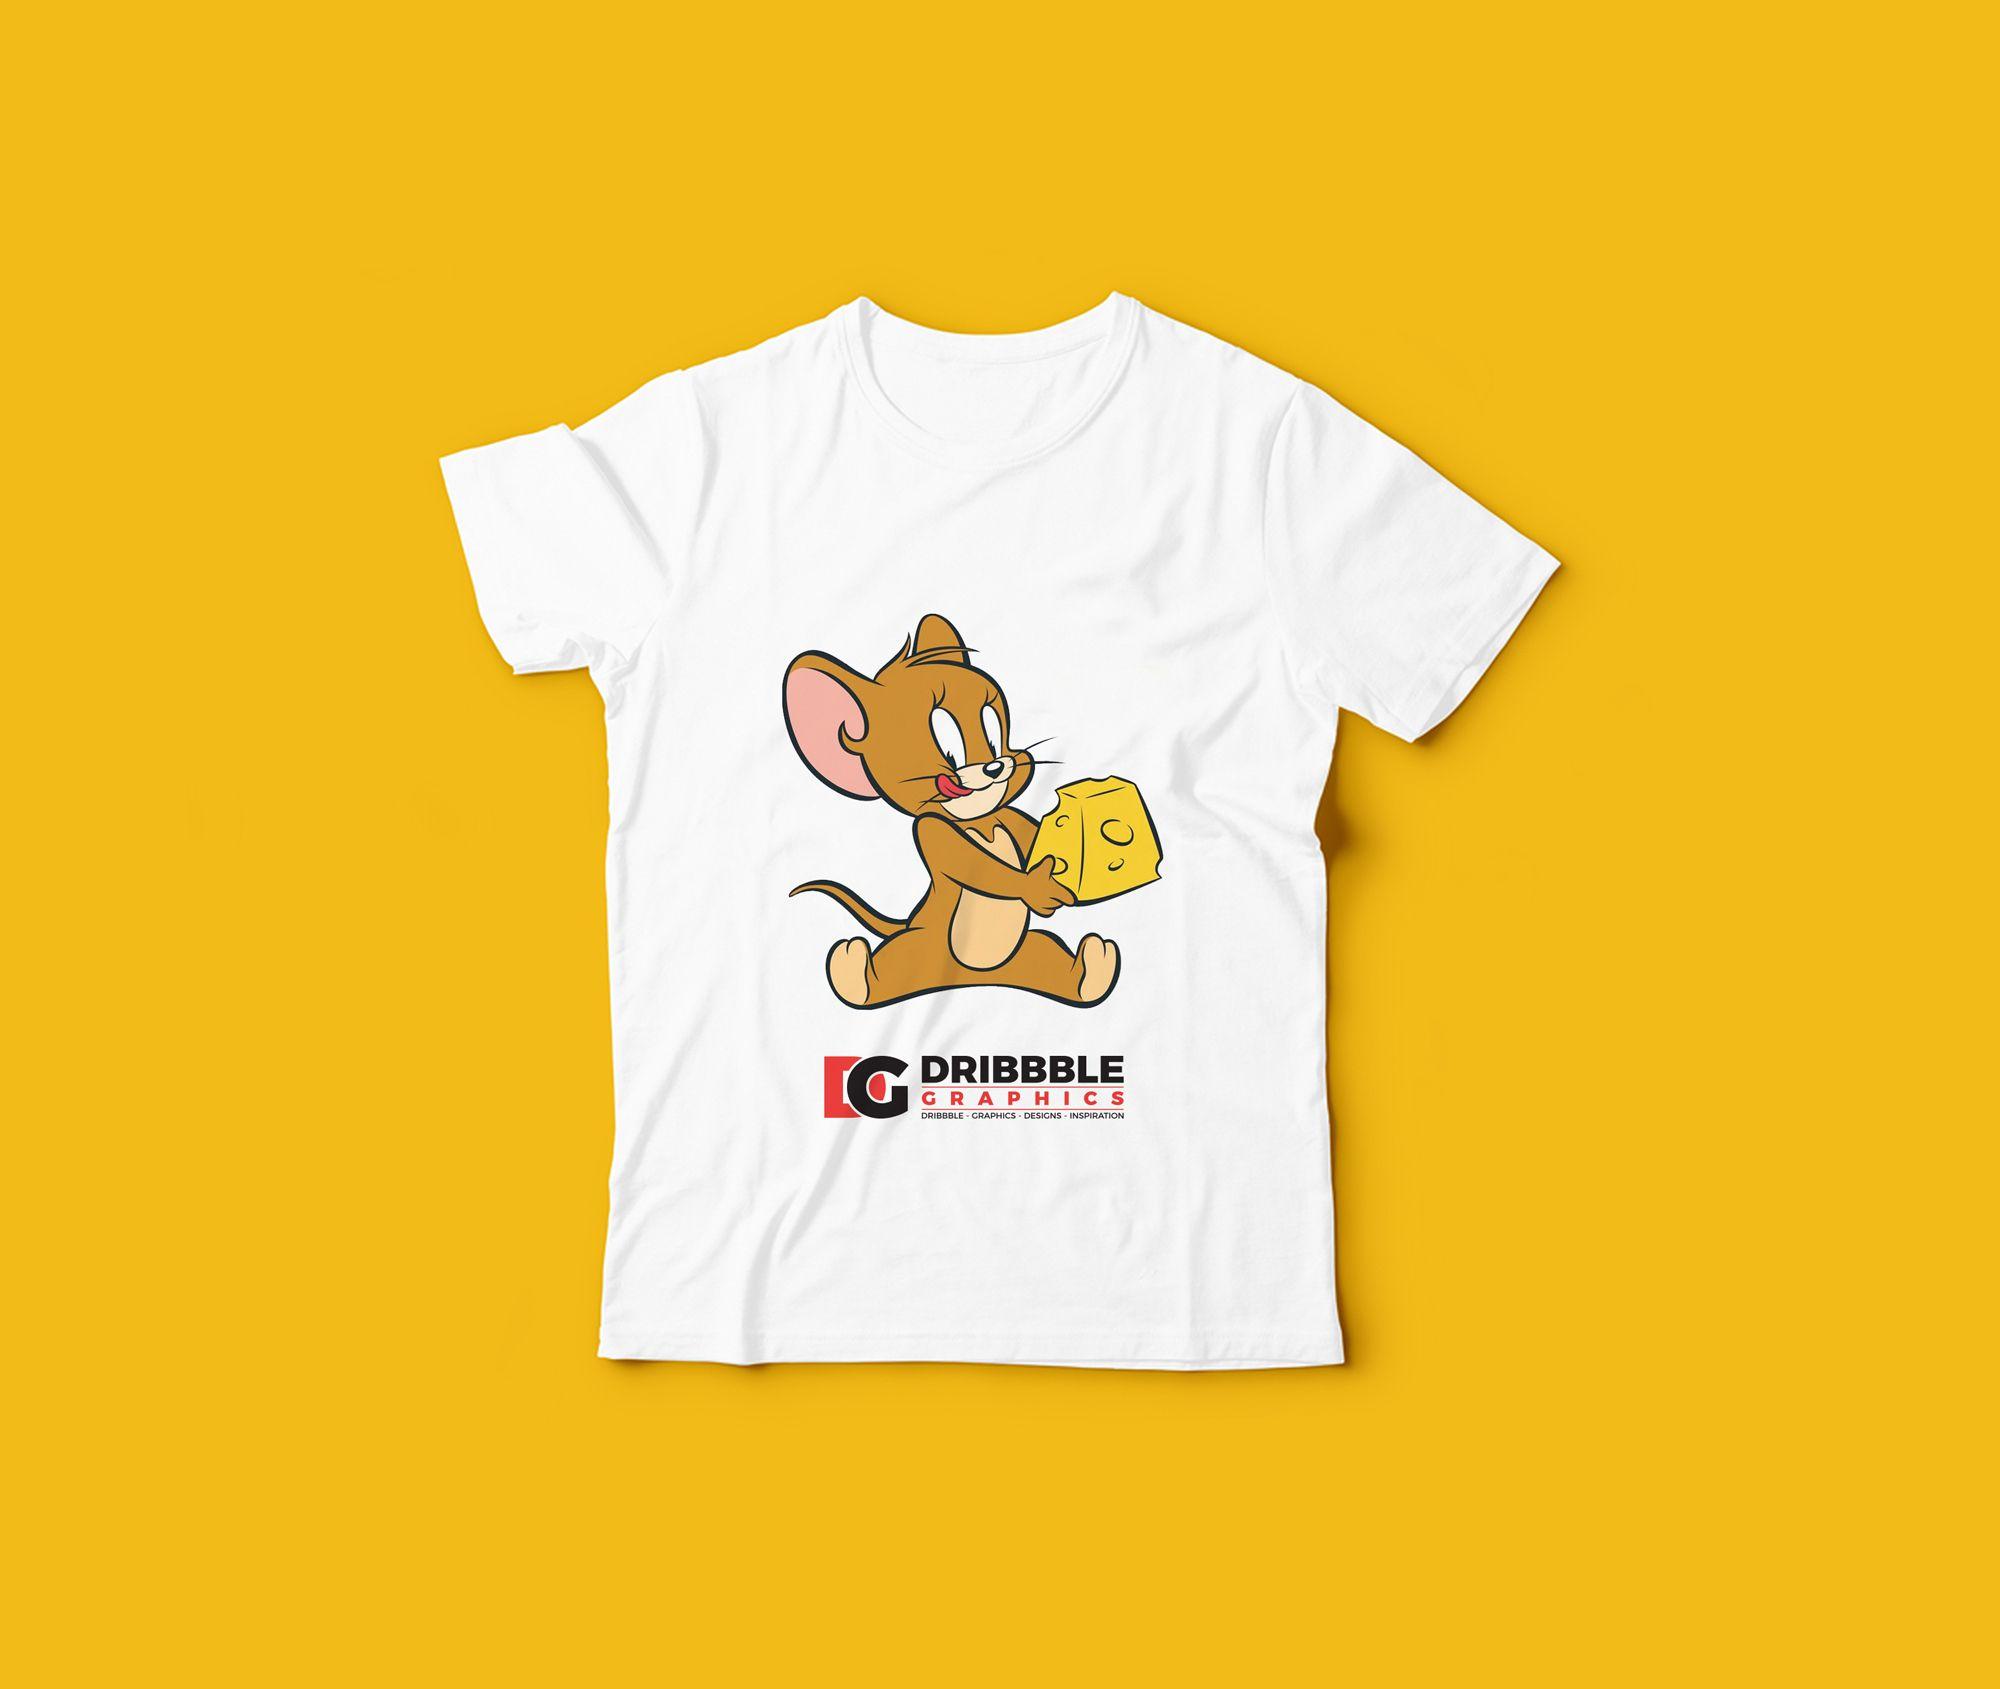 Download Free Kids T Shirt Mockup Psd 6 22 Mb Dribbblegraphic Free Photoshop Mockup Psd Kid T Shirt Kaos Baju Anak Mockup